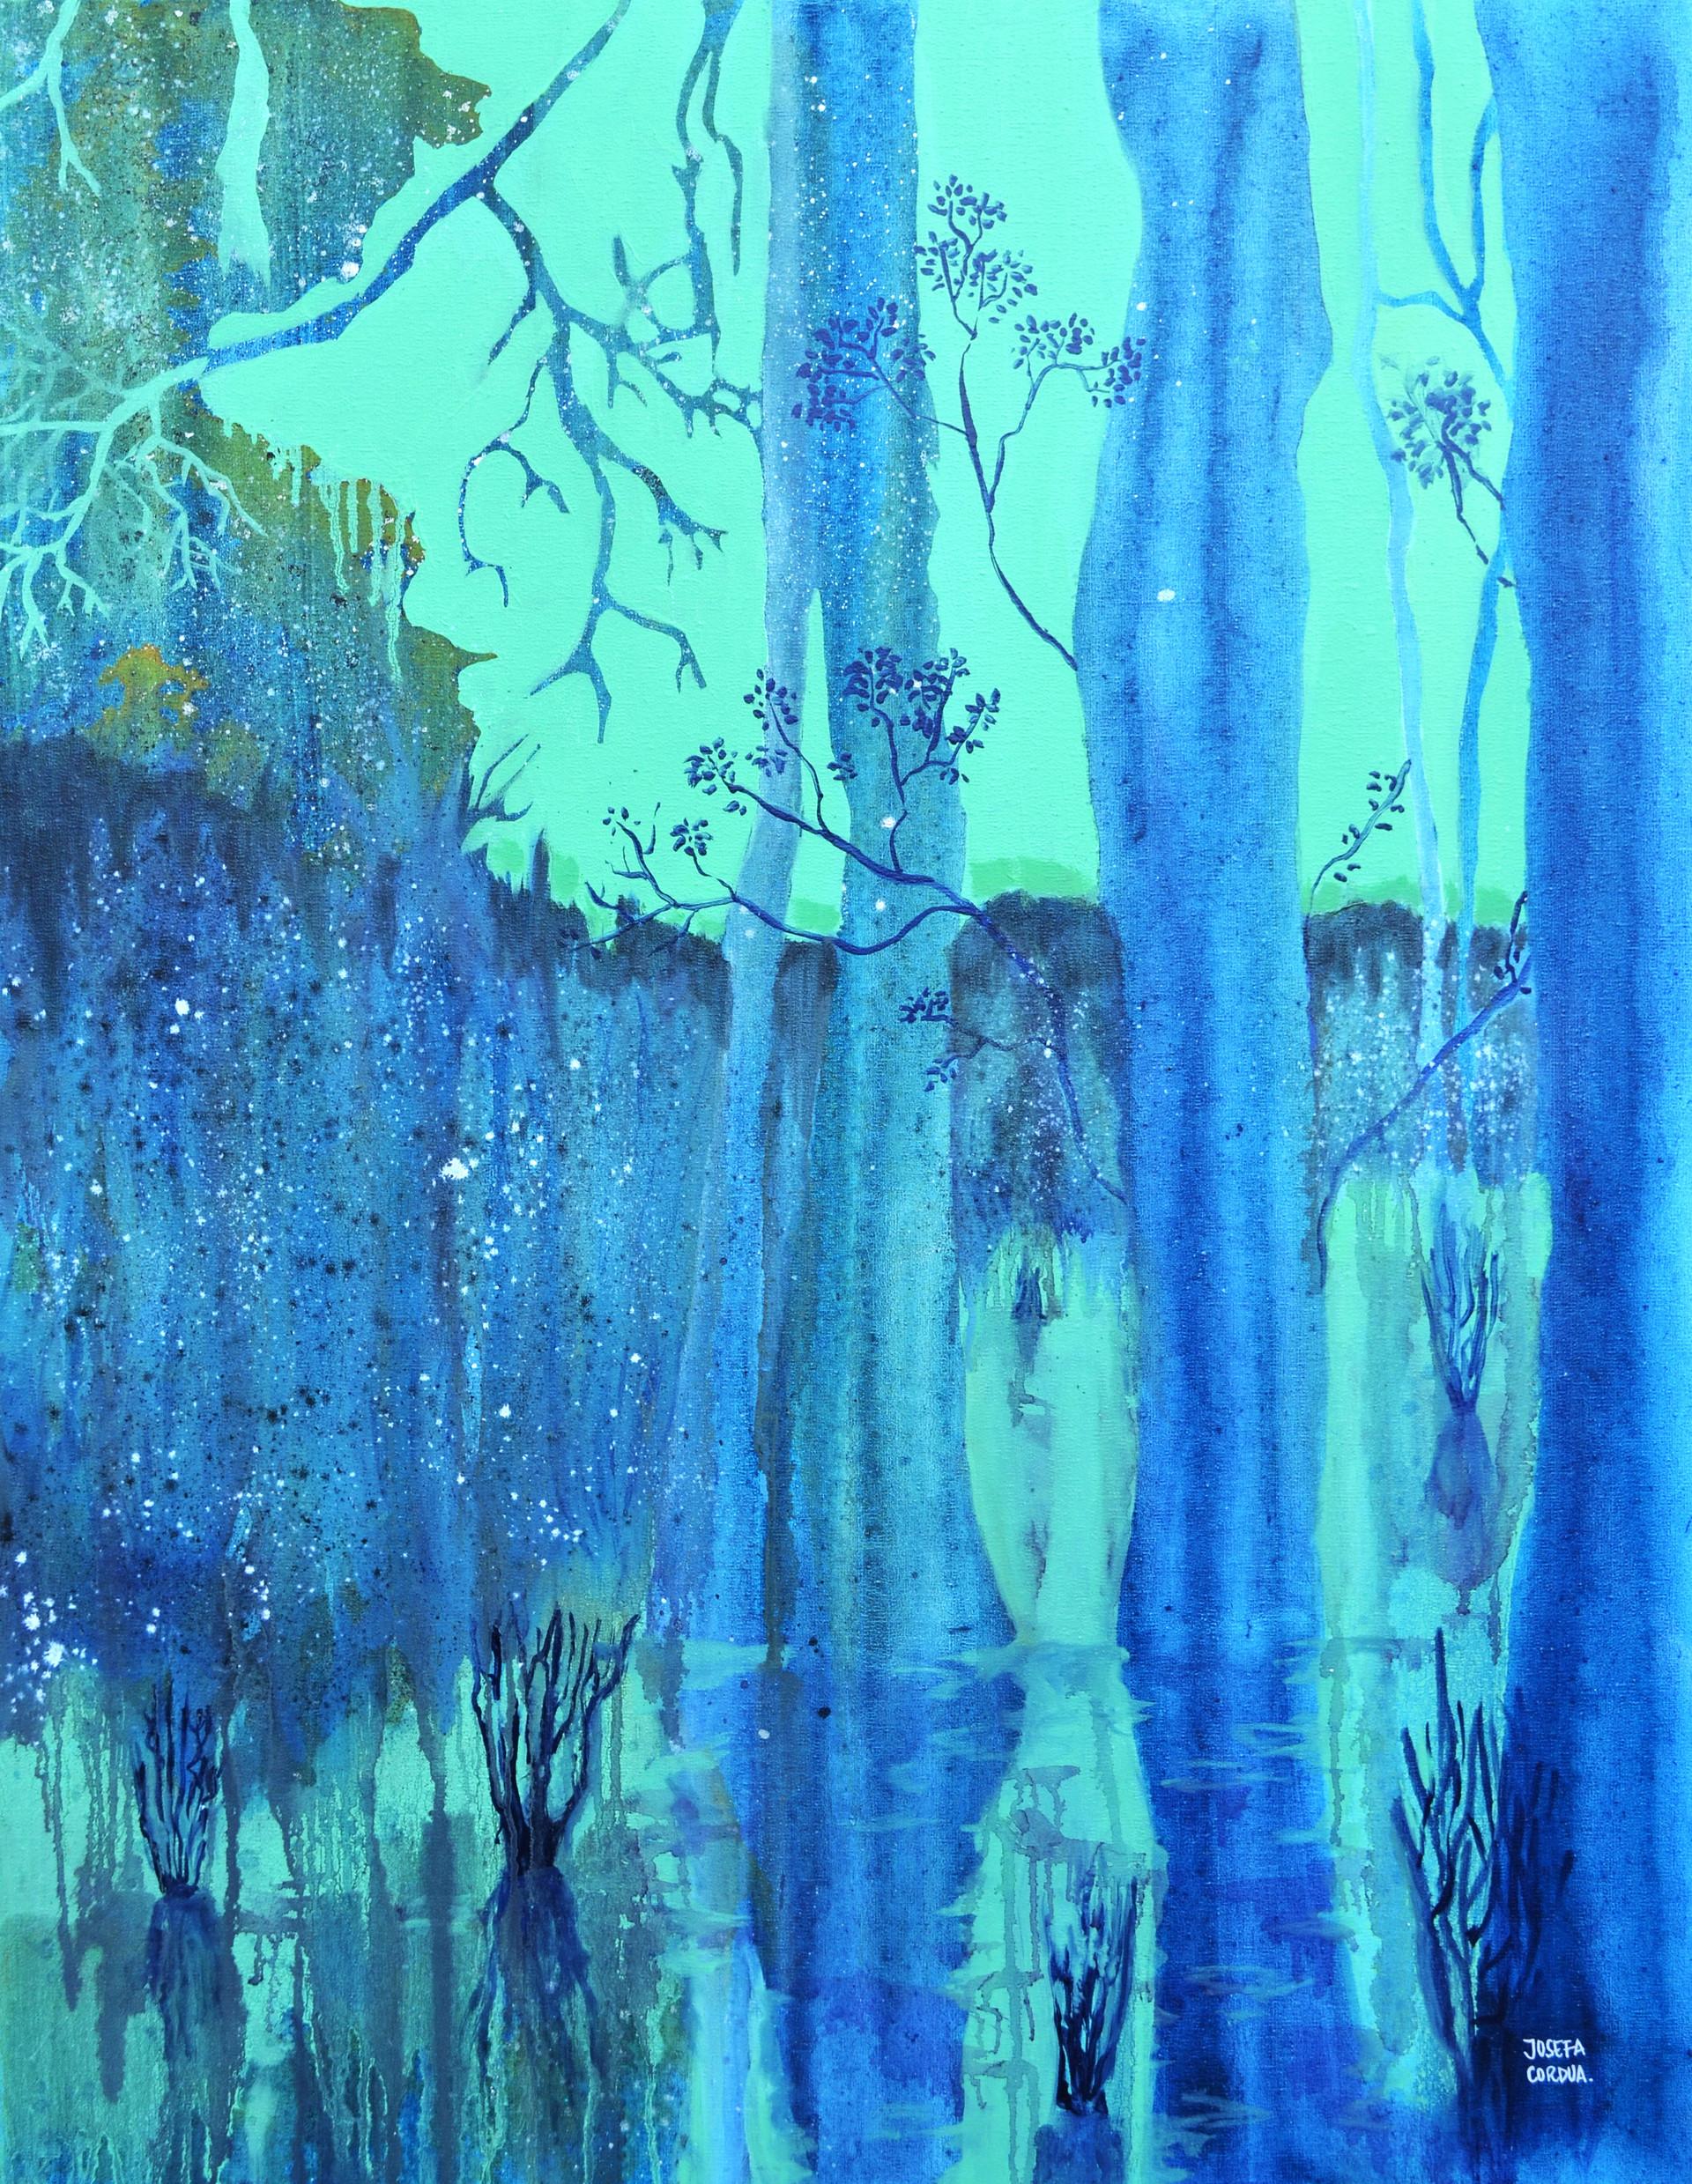 Acrílico, óleo y spray sobre tela. 90 x 70 cm. 2015